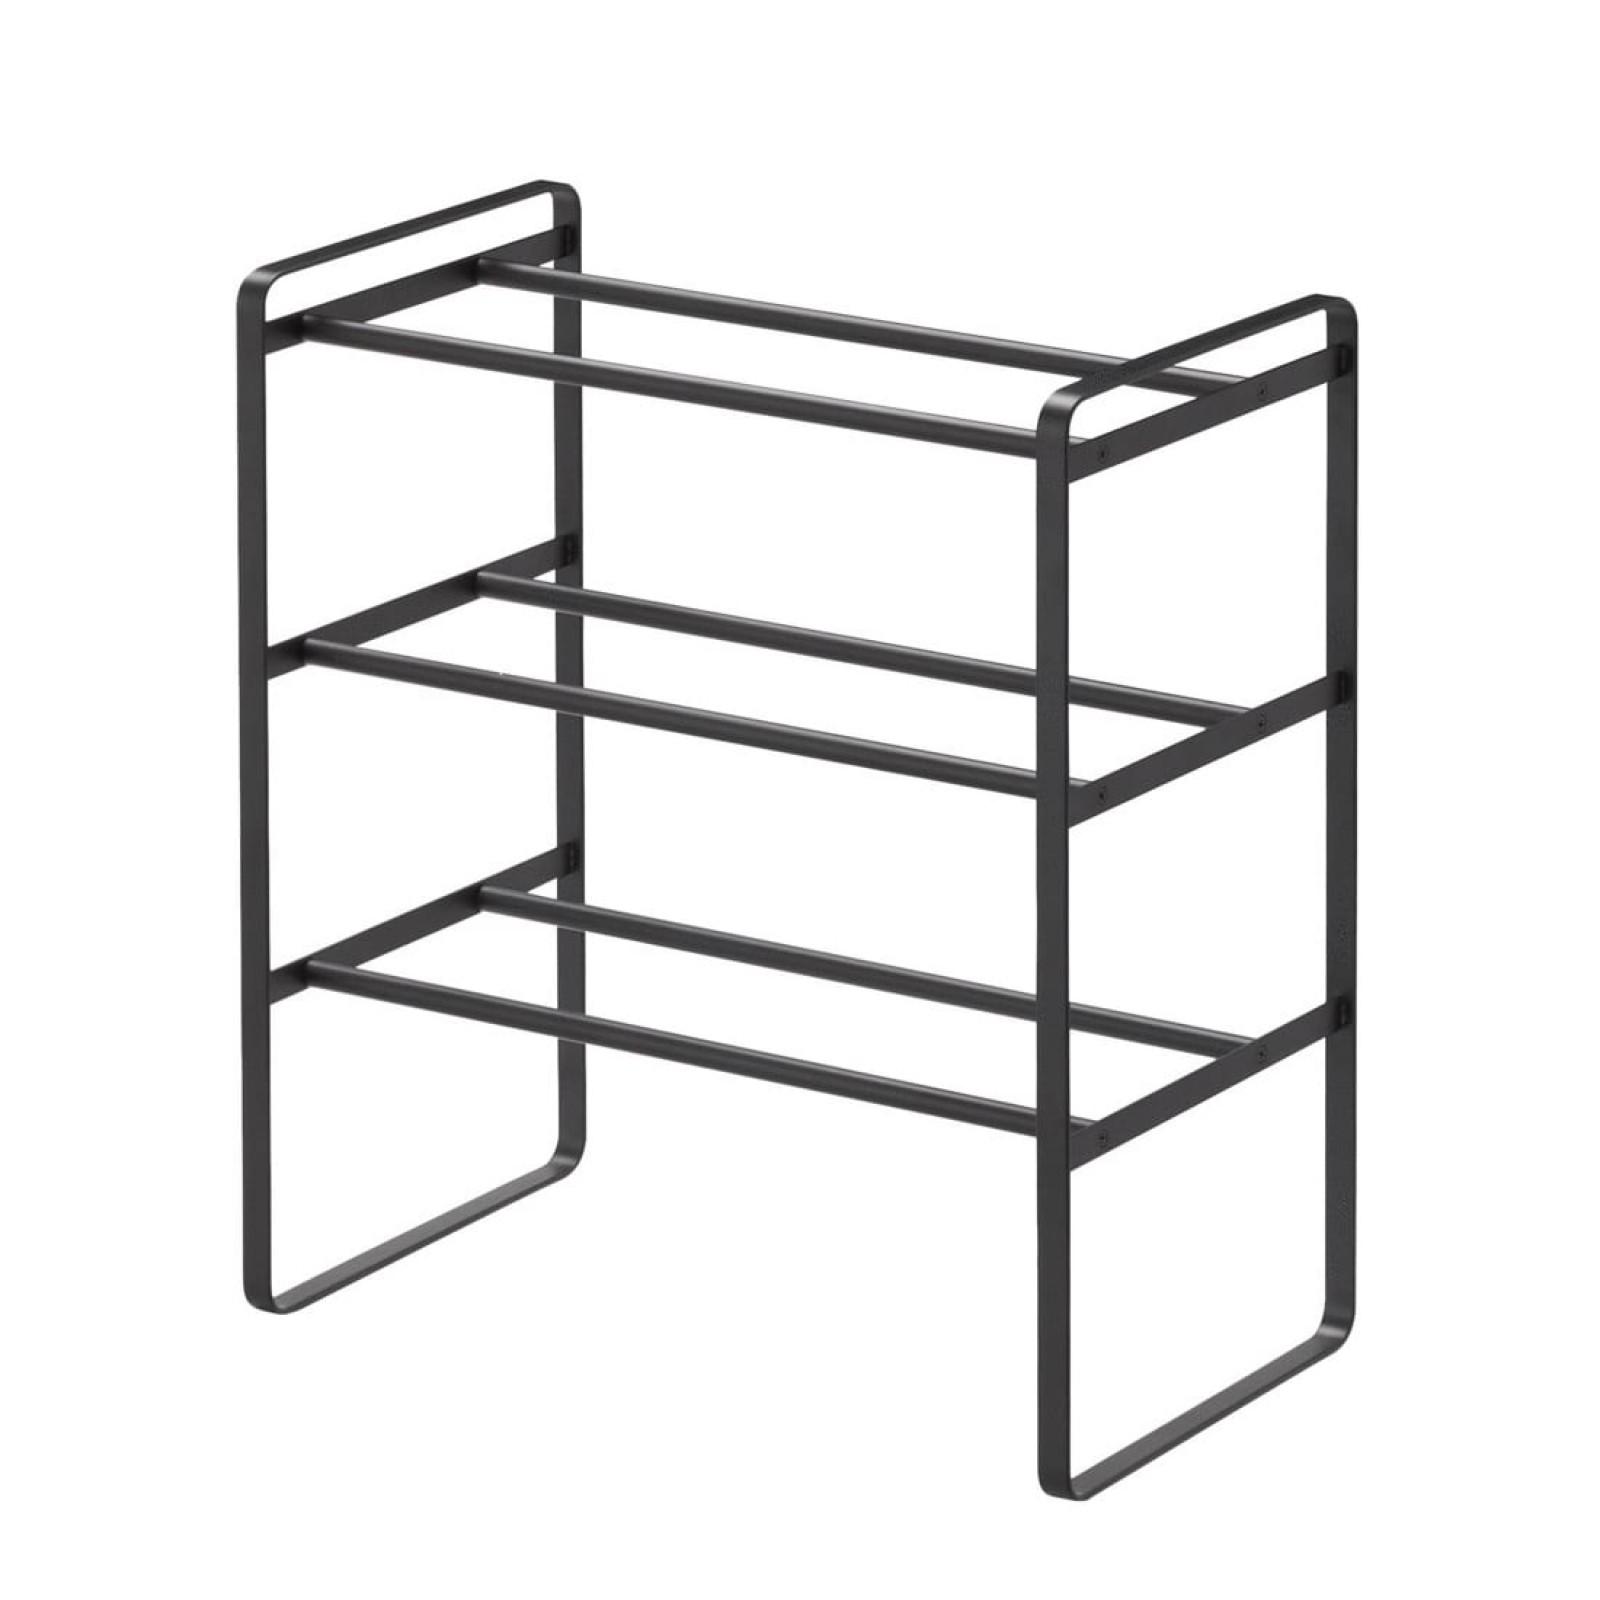 Επεκτεινόμενη Παπουτσοθήκη 3 Επιπέδων Frame (Μαύρο) - Yamazaki